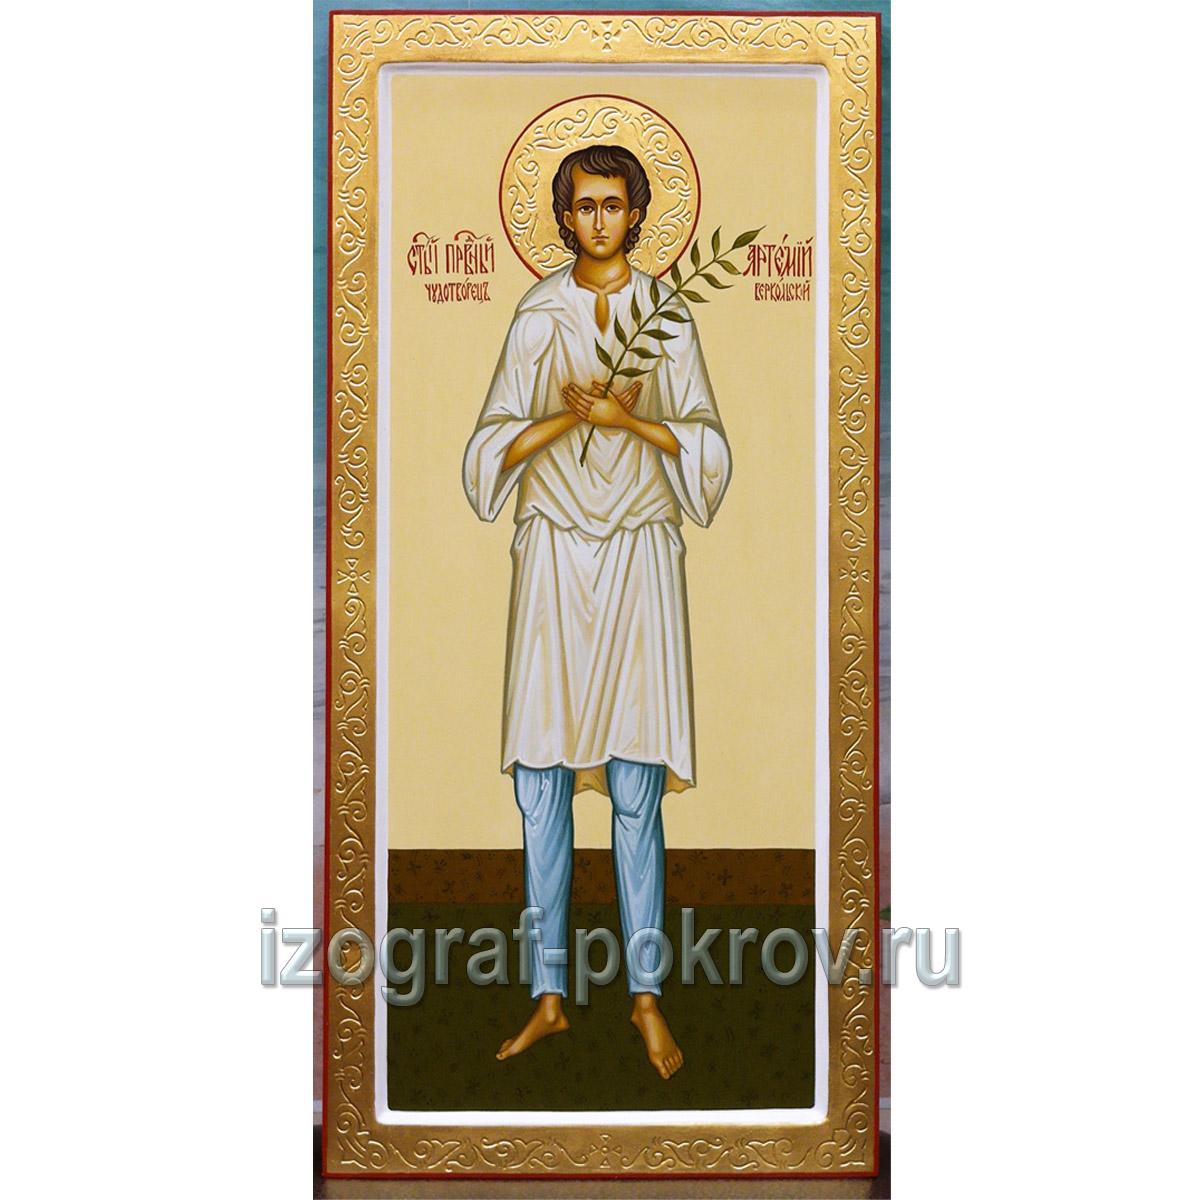 Икона Артемий Веркольский. Заказать изготовление иконы.